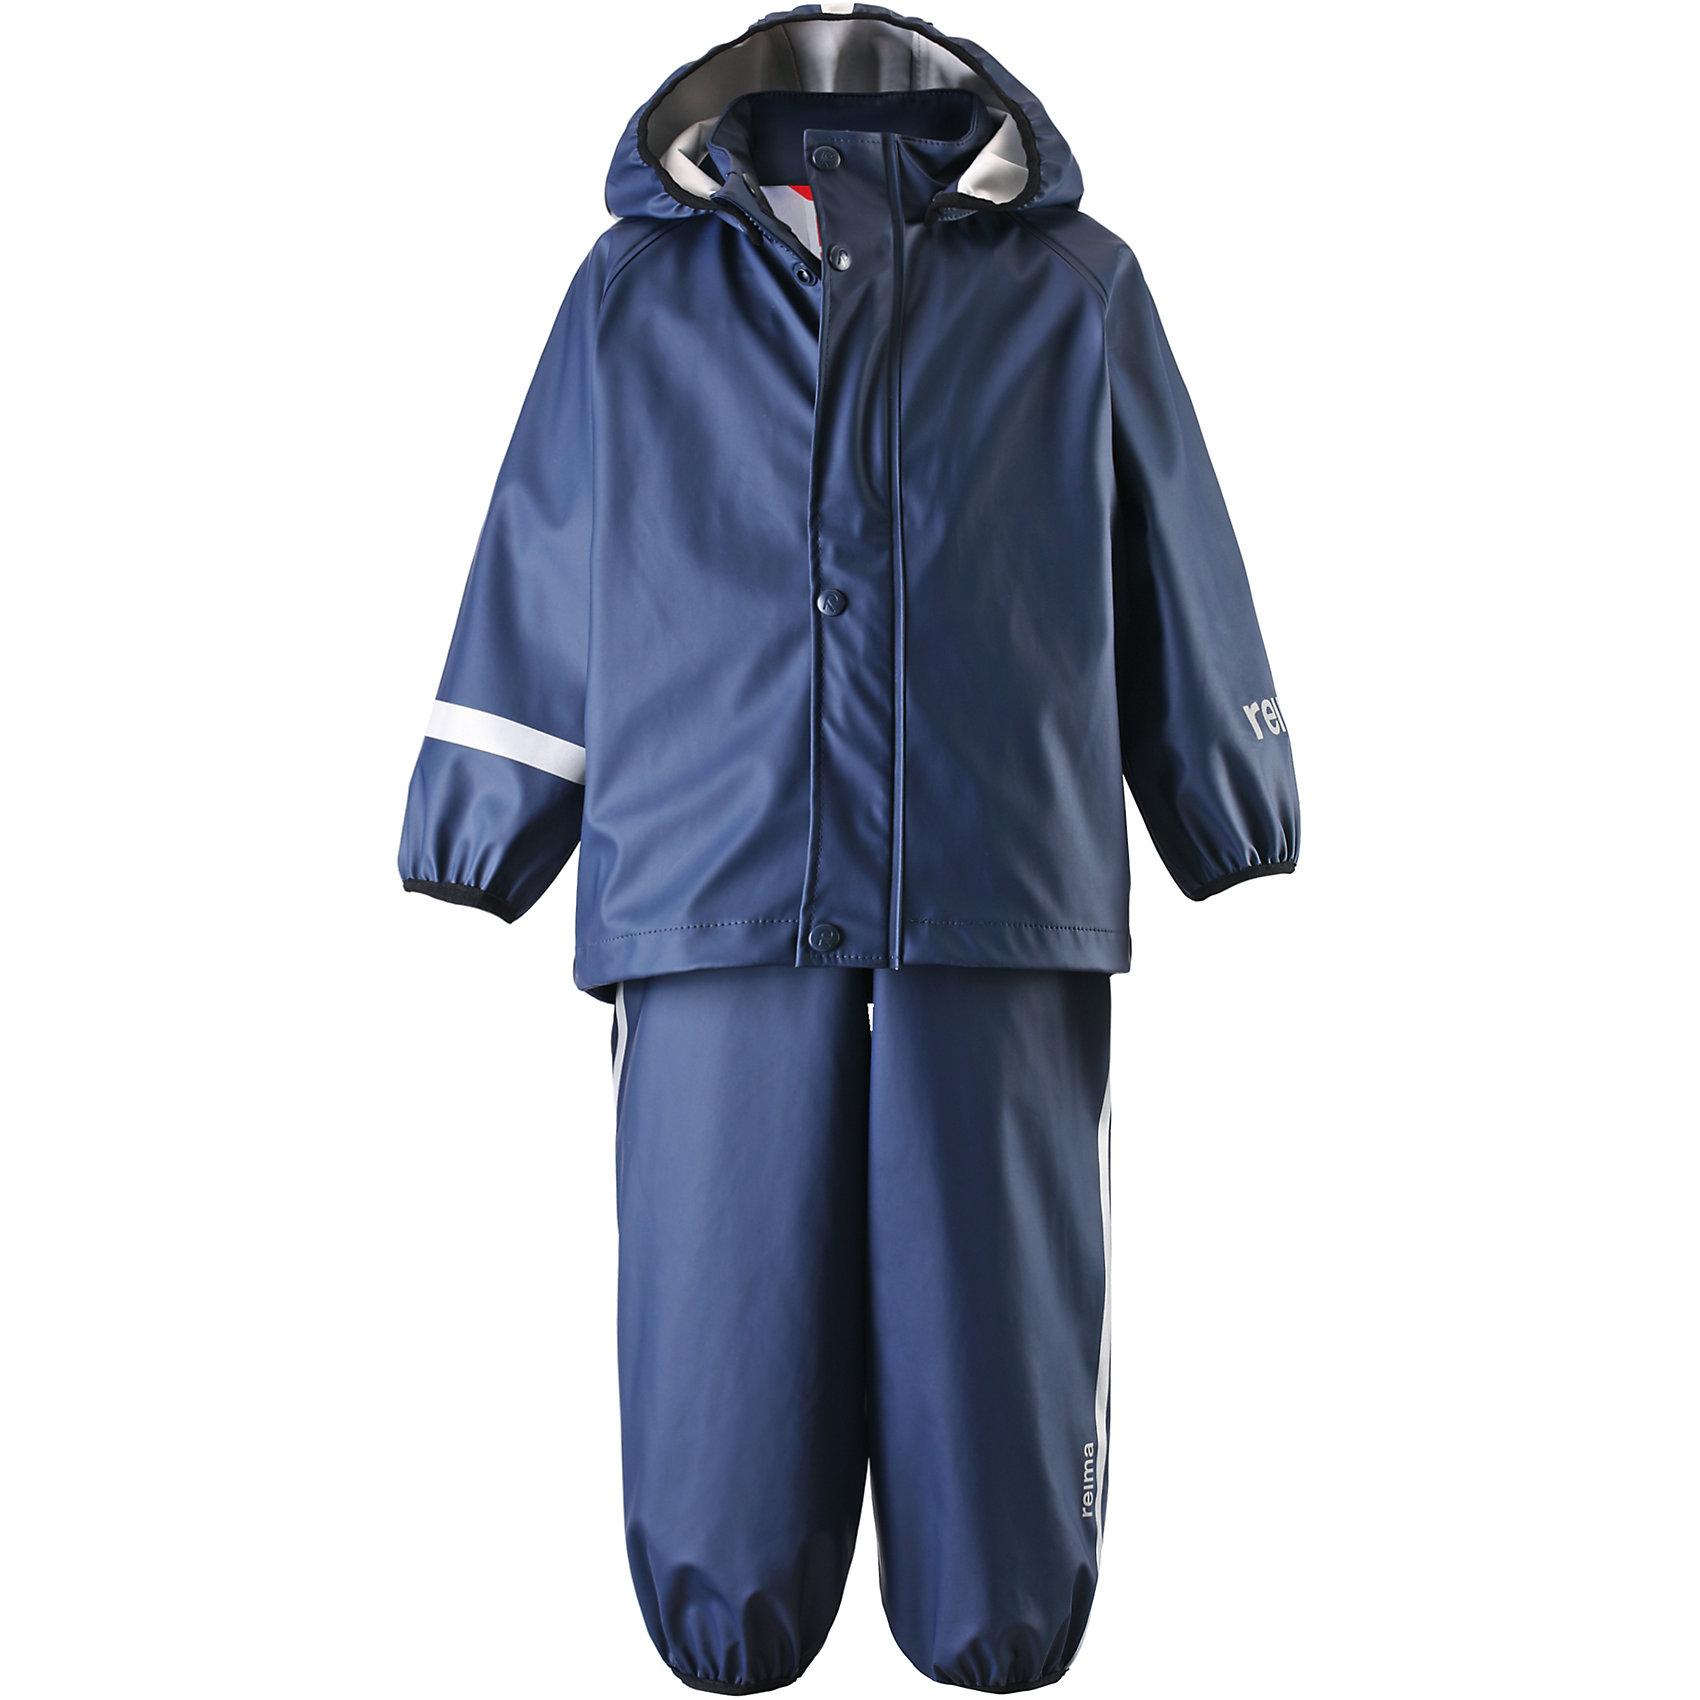 Непромокаемый комплект: куртка и брюки Tihku для мальчика ReimaОдежда<br>Непромокаемый комплект  Reima.<br>Комплект для дождливой погоды для малышей. Запаянные швы, не пропускающие влагу. Эластичный материал. Без ПХВ. Безопасный, съемный капюшон. Эластичная резинка на кромке капюшона. Эластичные манжеты. Регулируемый обхват талии. Эластичная резинка на штанинах. Съемные эластичные штрипки. Молния спереди. Регулируемые эластичные подтяжки. Безопасные светоотражающие детали. Отличный вариант для дождливой погоды.<br>Уход:<br>Стирать по отдельности, вывернув наизнанку. Застегнуть молнии и липучки. Стирать моющим средством, не содержащим отбеливающие вещества. Полоскать без специального средства. Во избежание изменения цвета изделие необходимо вынуть из стиральной машинки незамедлительно после окончания программы стирки. Сушить при низкой температуре.<br>Состав:<br>100% Полиамид, полиуретановое покрытие<br><br>Ширина мм: 356<br>Глубина мм: 10<br>Высота мм: 245<br>Вес г: 519<br>Цвет: синий<br>Возраст от месяцев: 60<br>Возраст до месяцев: 72<br>Пол: Мужской<br>Возраст: Детский<br>Размер: 116,86,98,110,92,80,104<br>SKU: 4776180